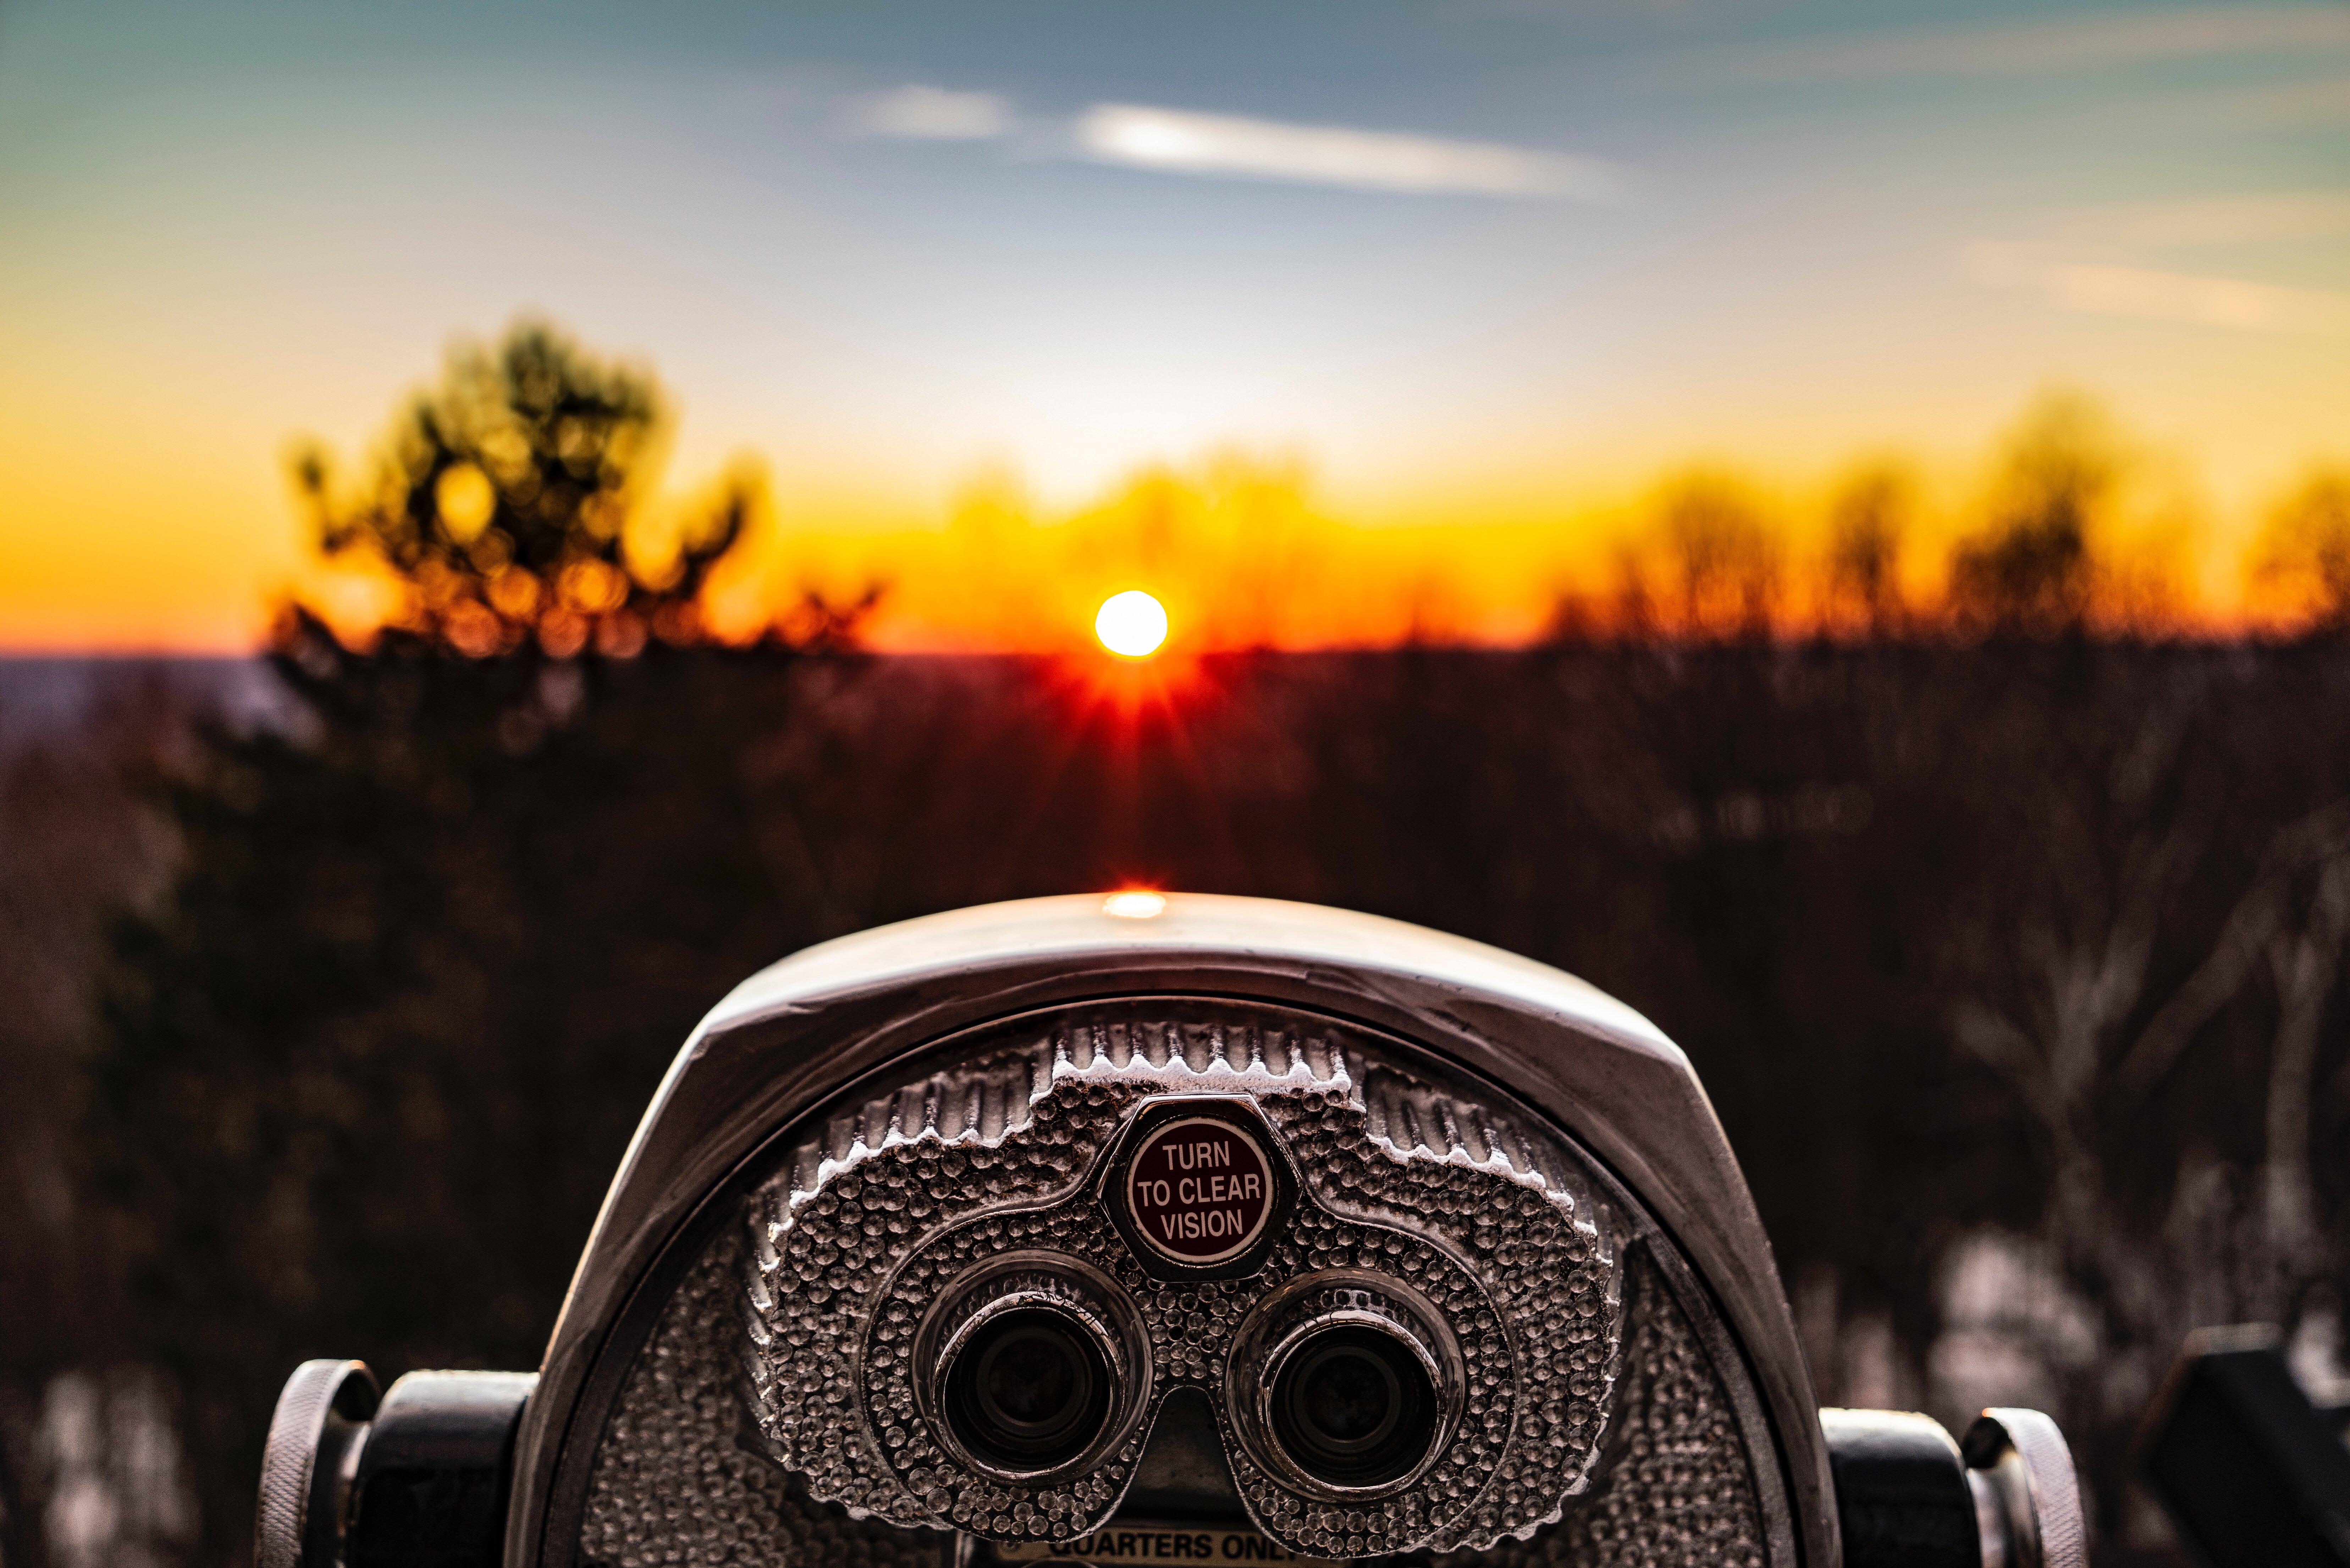 Fernglas im Vordergrund, welches in Richtung der untergehenden Sonne zeigt.